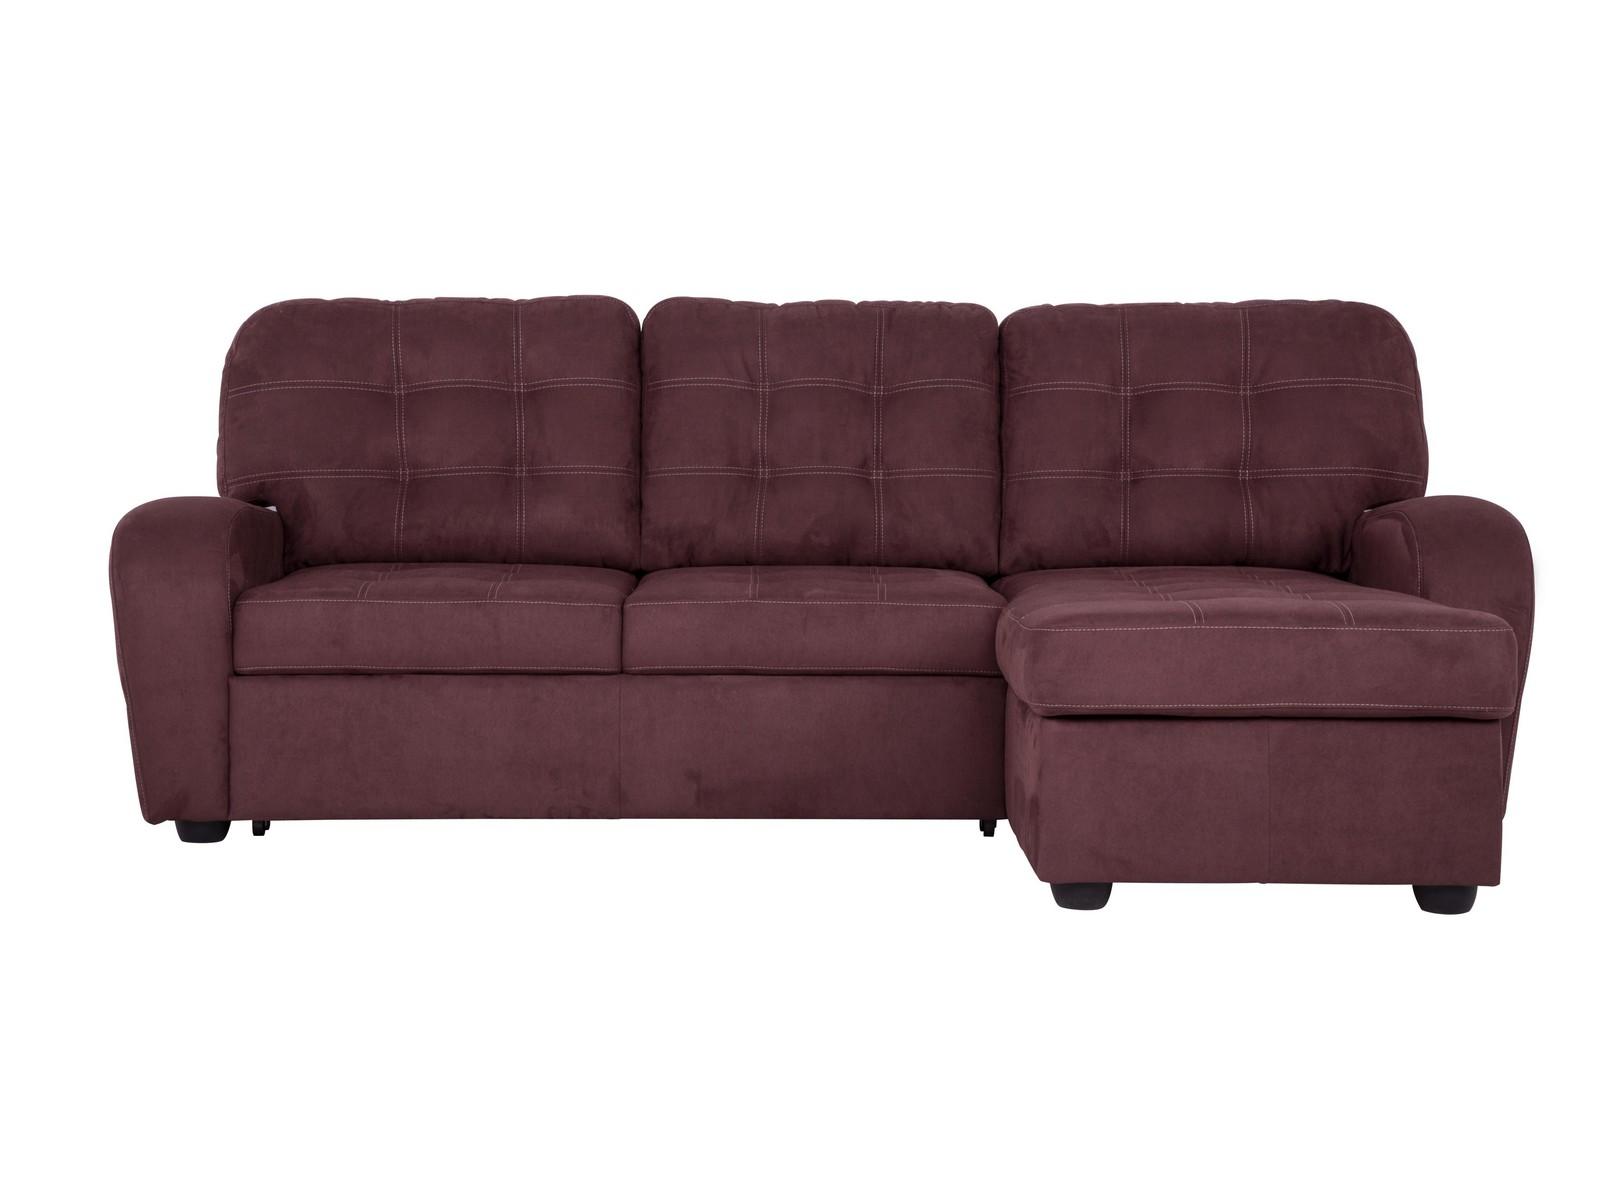 Угловой диван-кровать СиднейУгловые раскладные диваны<br>Компактный угловой диван создаст комфорт даже в небольшом помещении. «Сидней» сочетает в себе современный дизайн и тонкие классичесиие акценты. <br>Если Вы желаете использовать пространство комнаты максимально грамотно, диван «Сидней» — отличный выбор. <br>Эта модель специально спроектирована по многочисленным просьбам покупателей и повторяет дизайн популярного дивана &amp;quot;Монреаль&amp;quot;.Сборка требуется, все крепления входят в стоимость, диван оснащен раскладным механимом&amp;lt;div&amp;gt;&amp;lt;br&amp;gt;&amp;lt;/div&amp;gt;&amp;lt;div&amp;gt;Материал обивки: мебельная замша&amp;lt;/div&amp;gt;&amp;lt;div&amp;gt;Размеры спального места: 200х137 см&amp;lt;/div&amp;gt;<br><br>Material: Текстиль<br>Ширина см: 154.0<br>Высота см: 94.0<br>Глубина см: 154